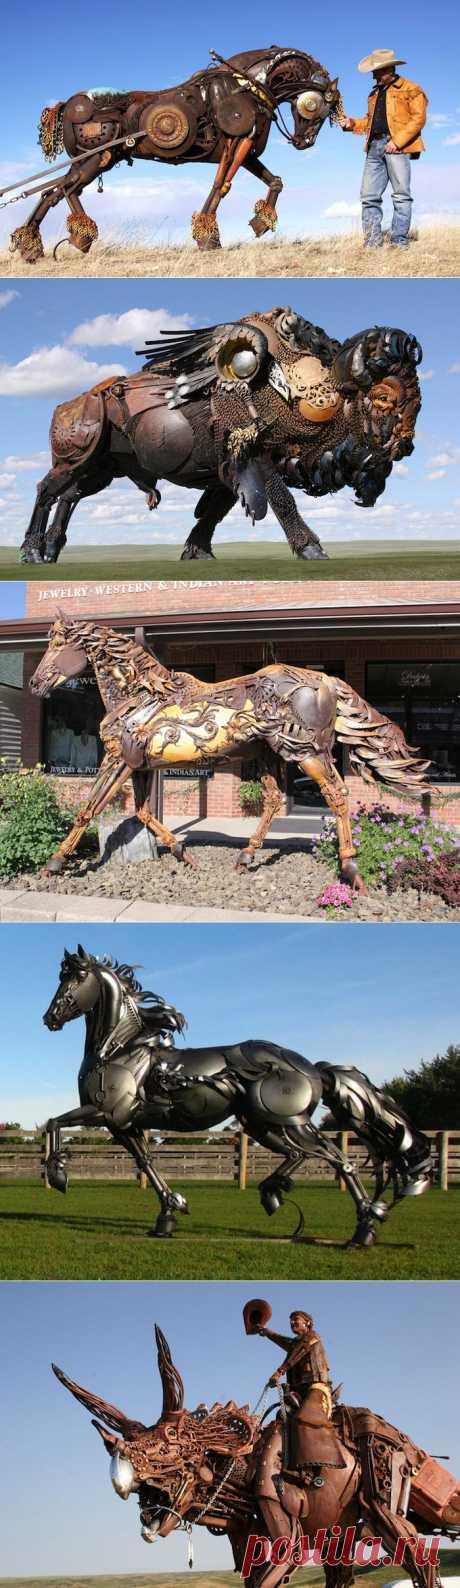 Джон Лопес (John Lopez) – талантливый скульптор, автор многочисленных работ. Он создает изваяния животных из металла в натуральную величину, которые внешне отдаленно напоминают творения в стиле стимпанк.